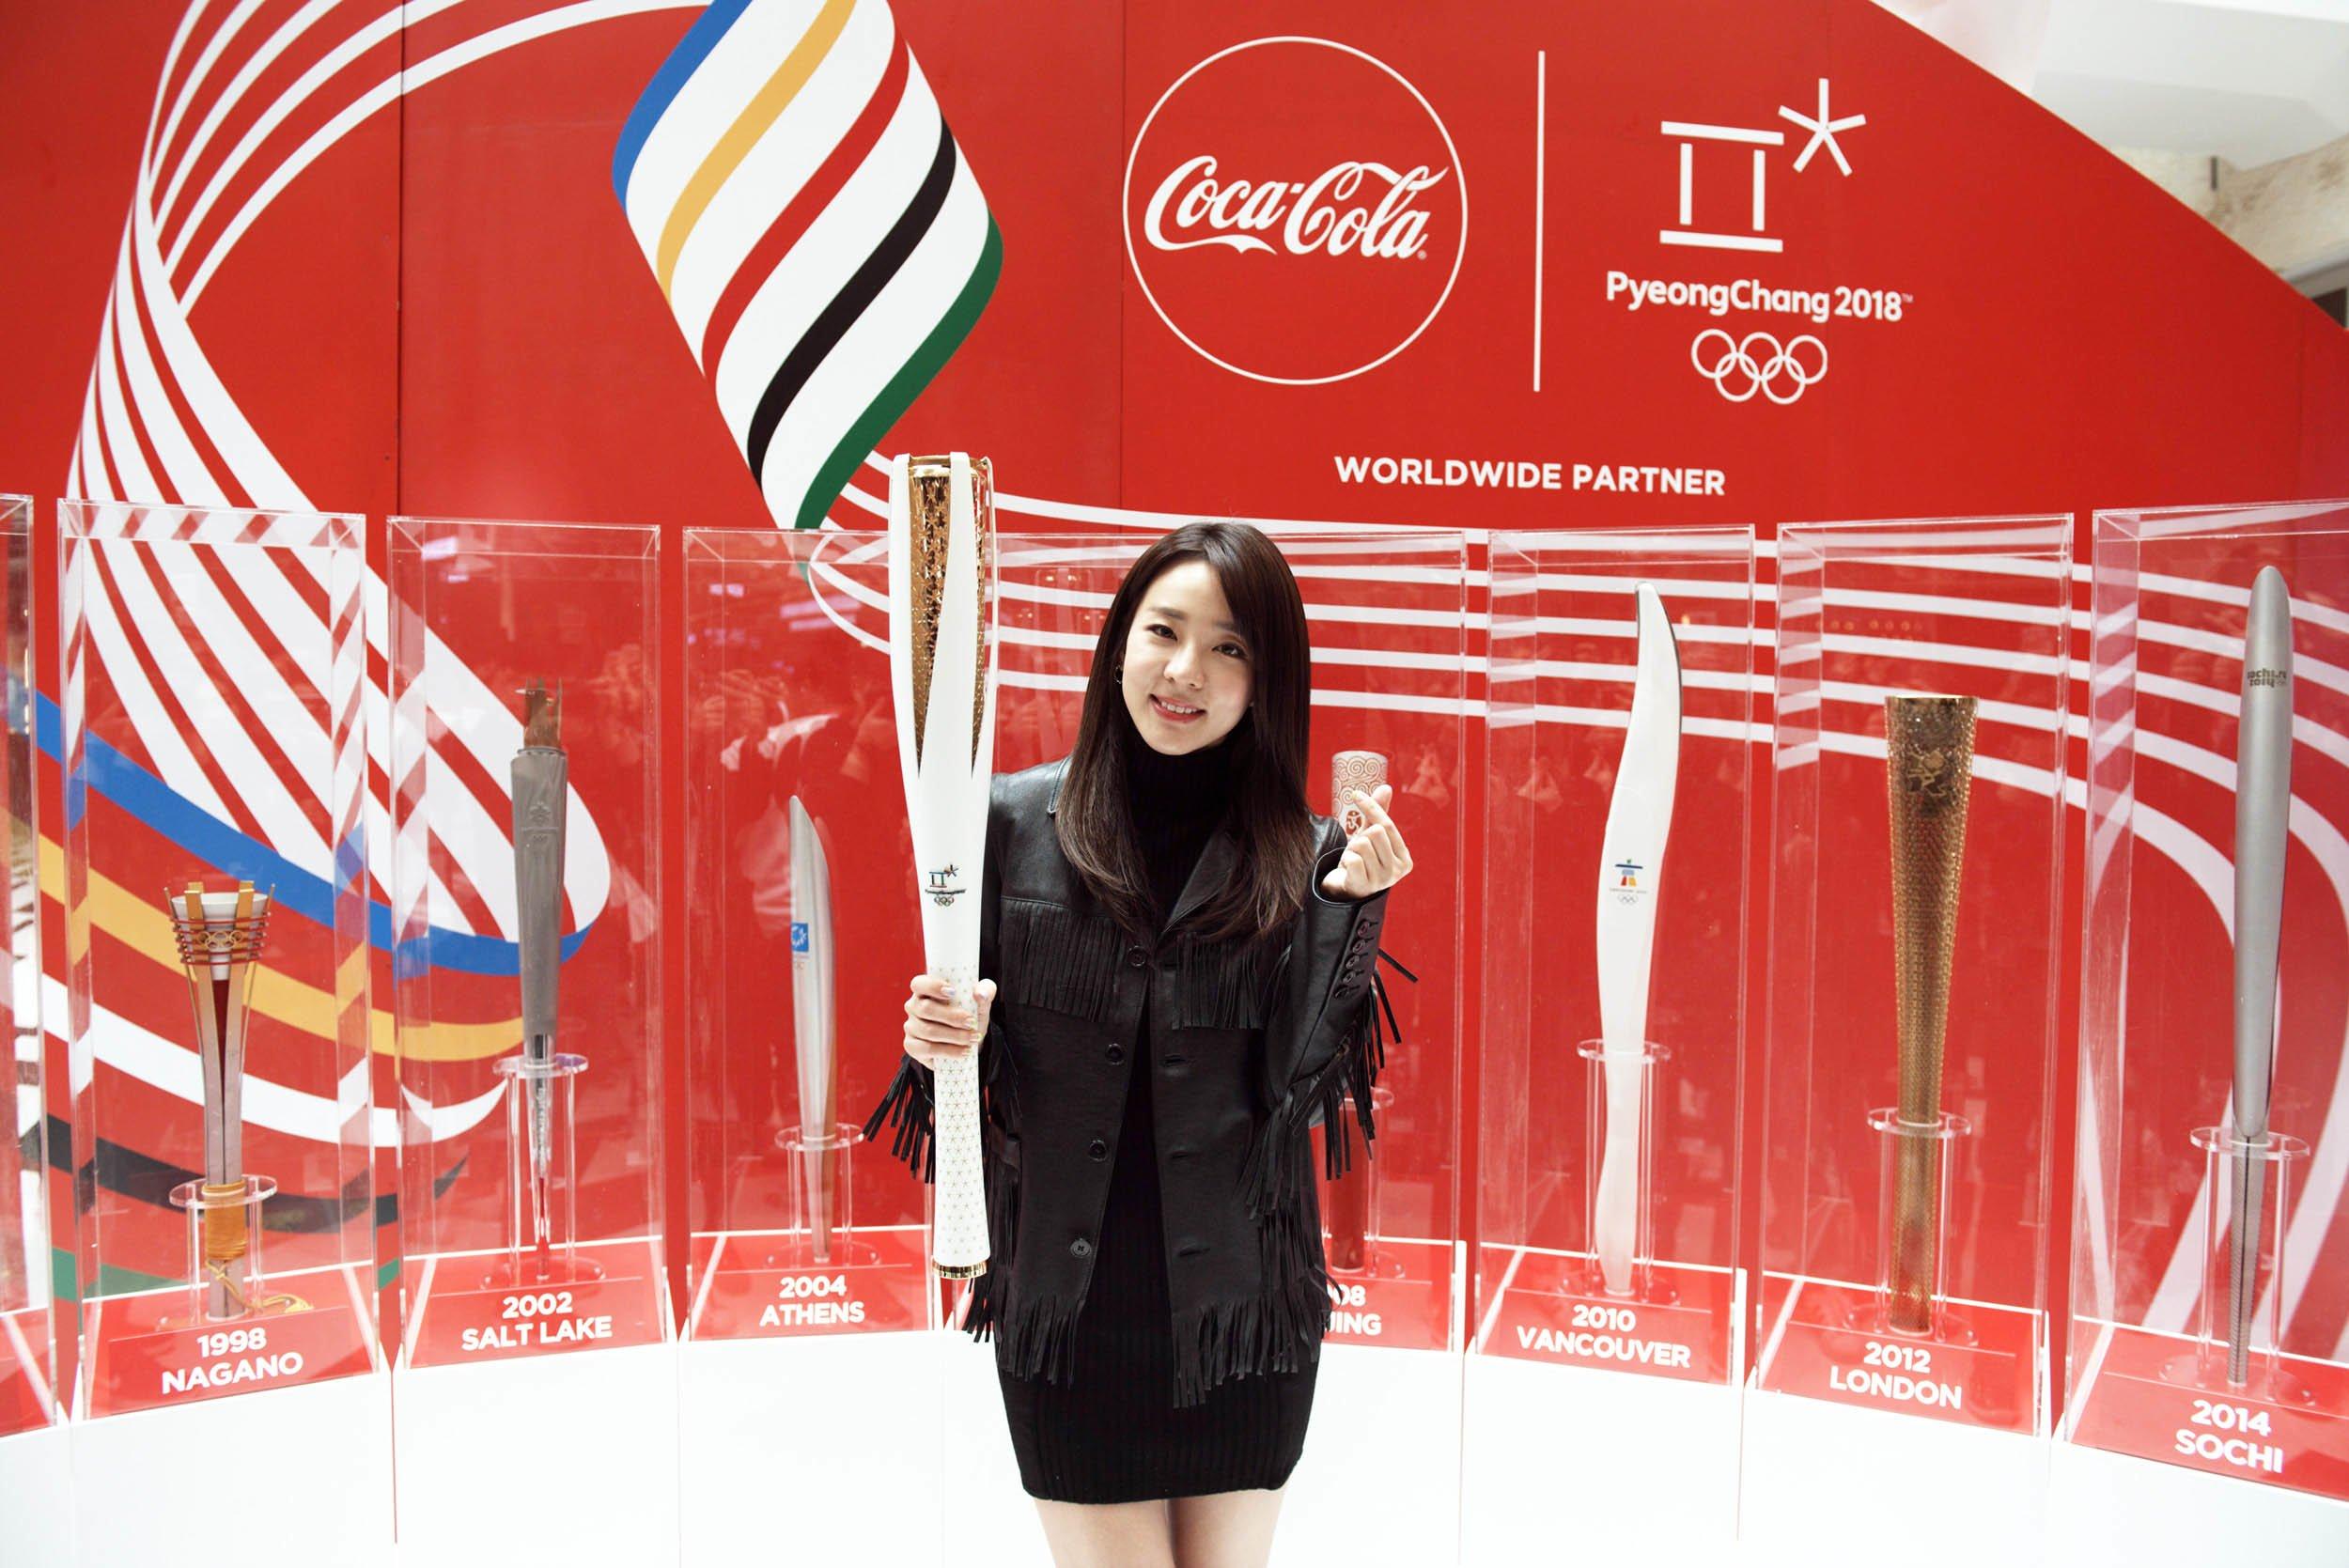 산다라박, 코카콜라 평창 올림픽 성화봉송 투어